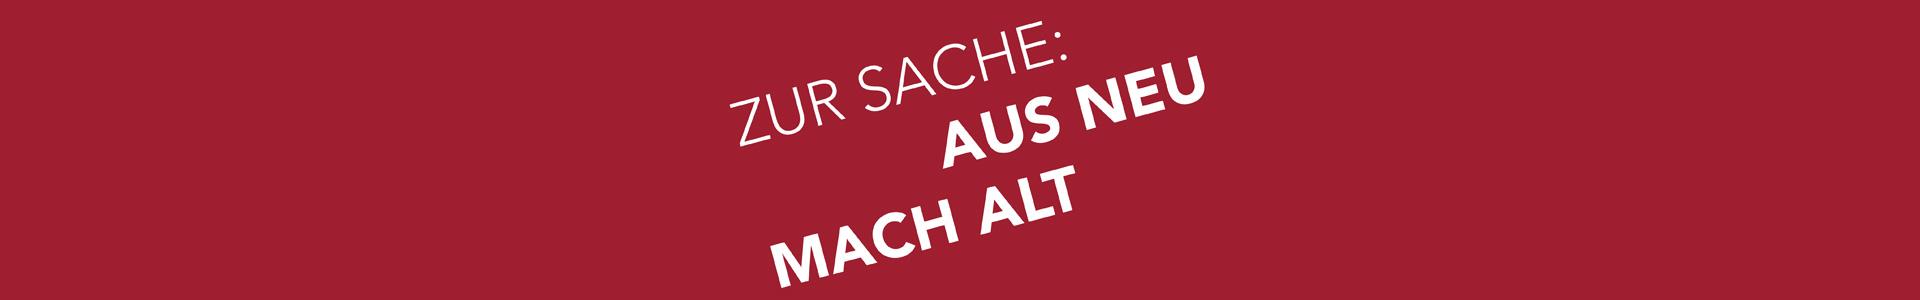 header_ausaltmachneu